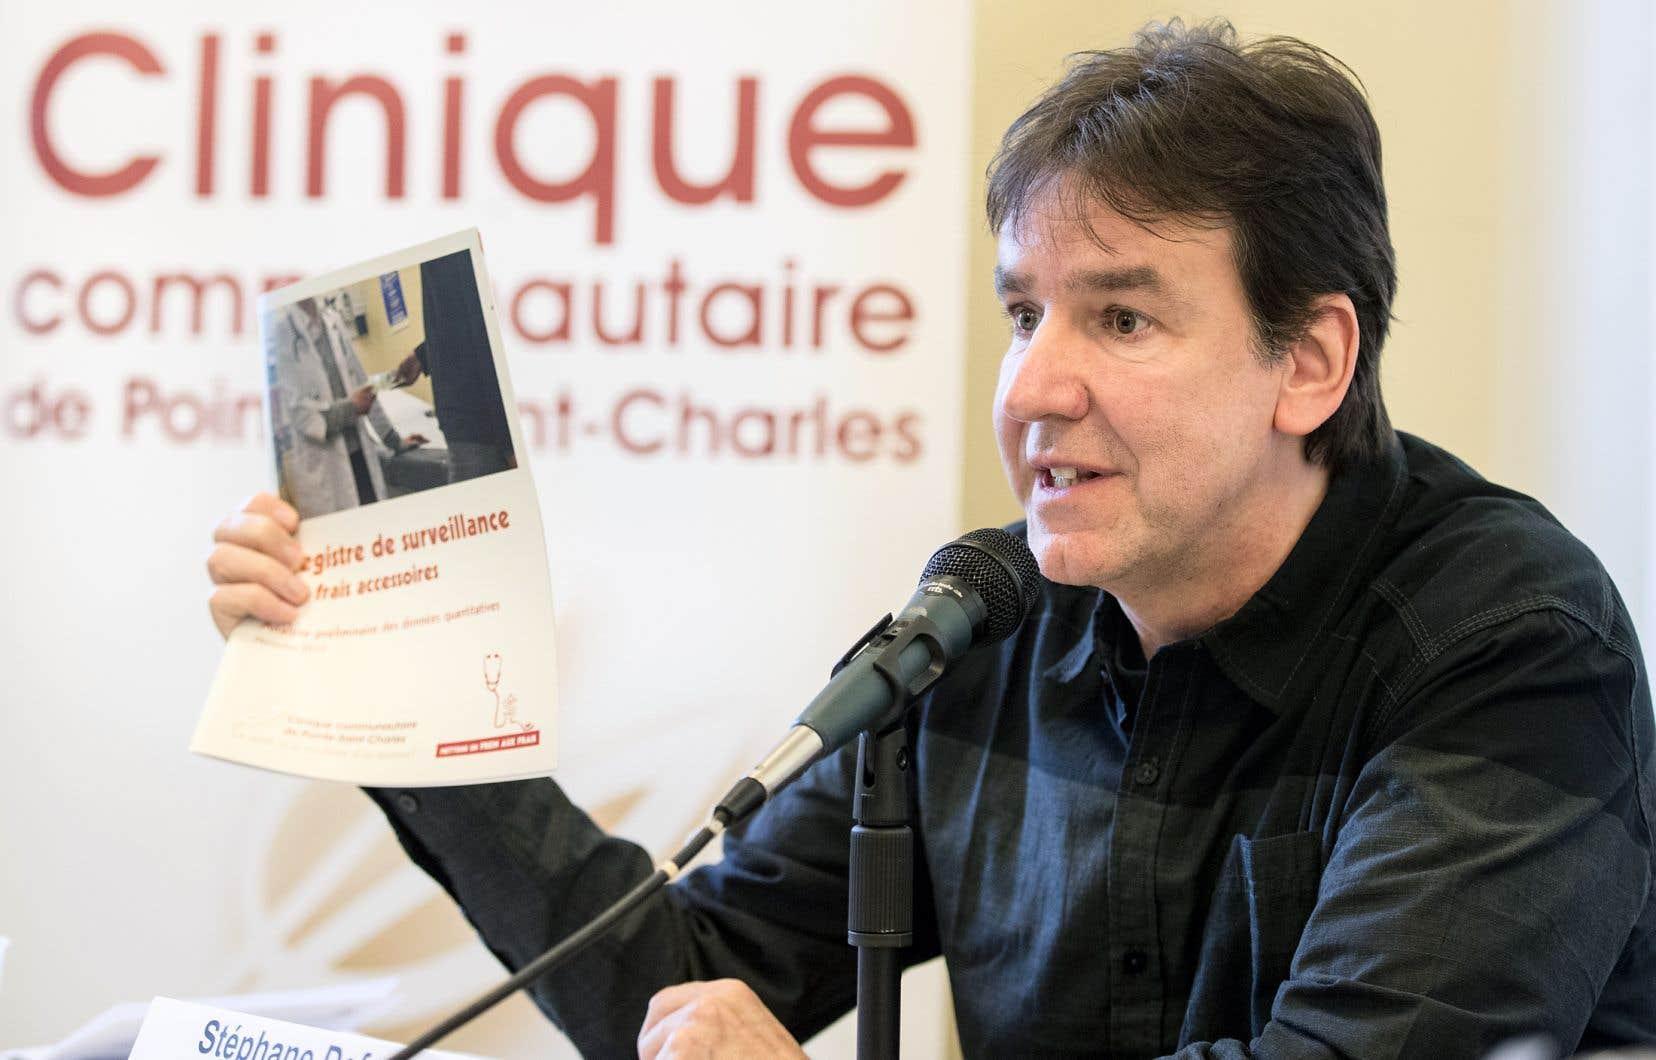 Les ophtalmologistes semblent avoir trouvé une autre manière de générer des revenus, selon Stéphane Defoy, de la clinique de Pointe-Saint-Charles.